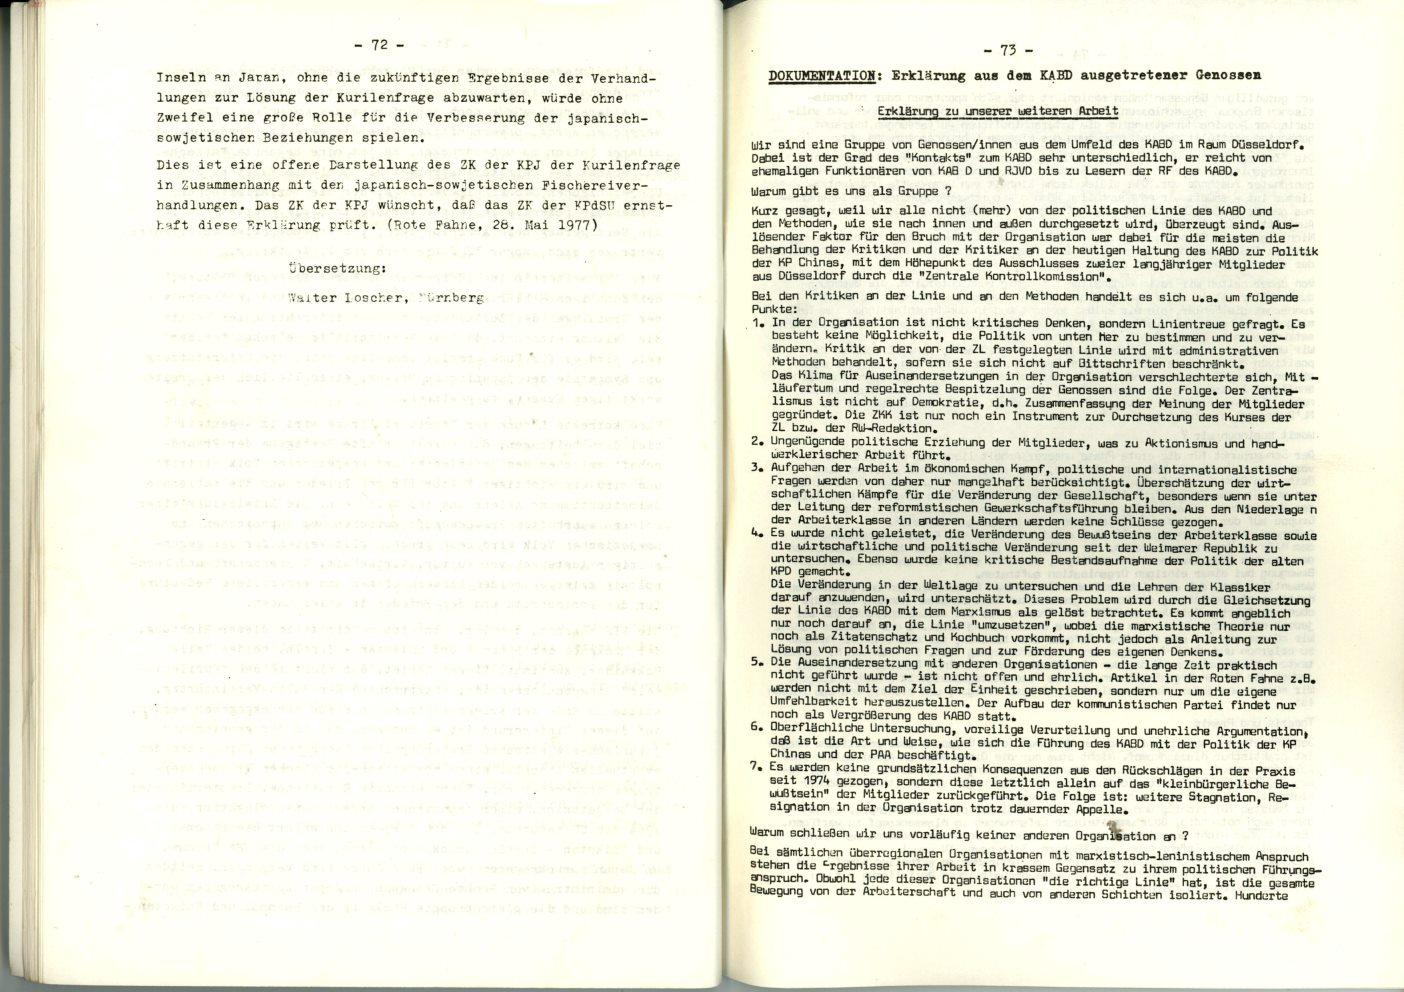 Nuernberg_Fuerth_Erlangen_ML_Diskussionsbeitraege_1979_02_37